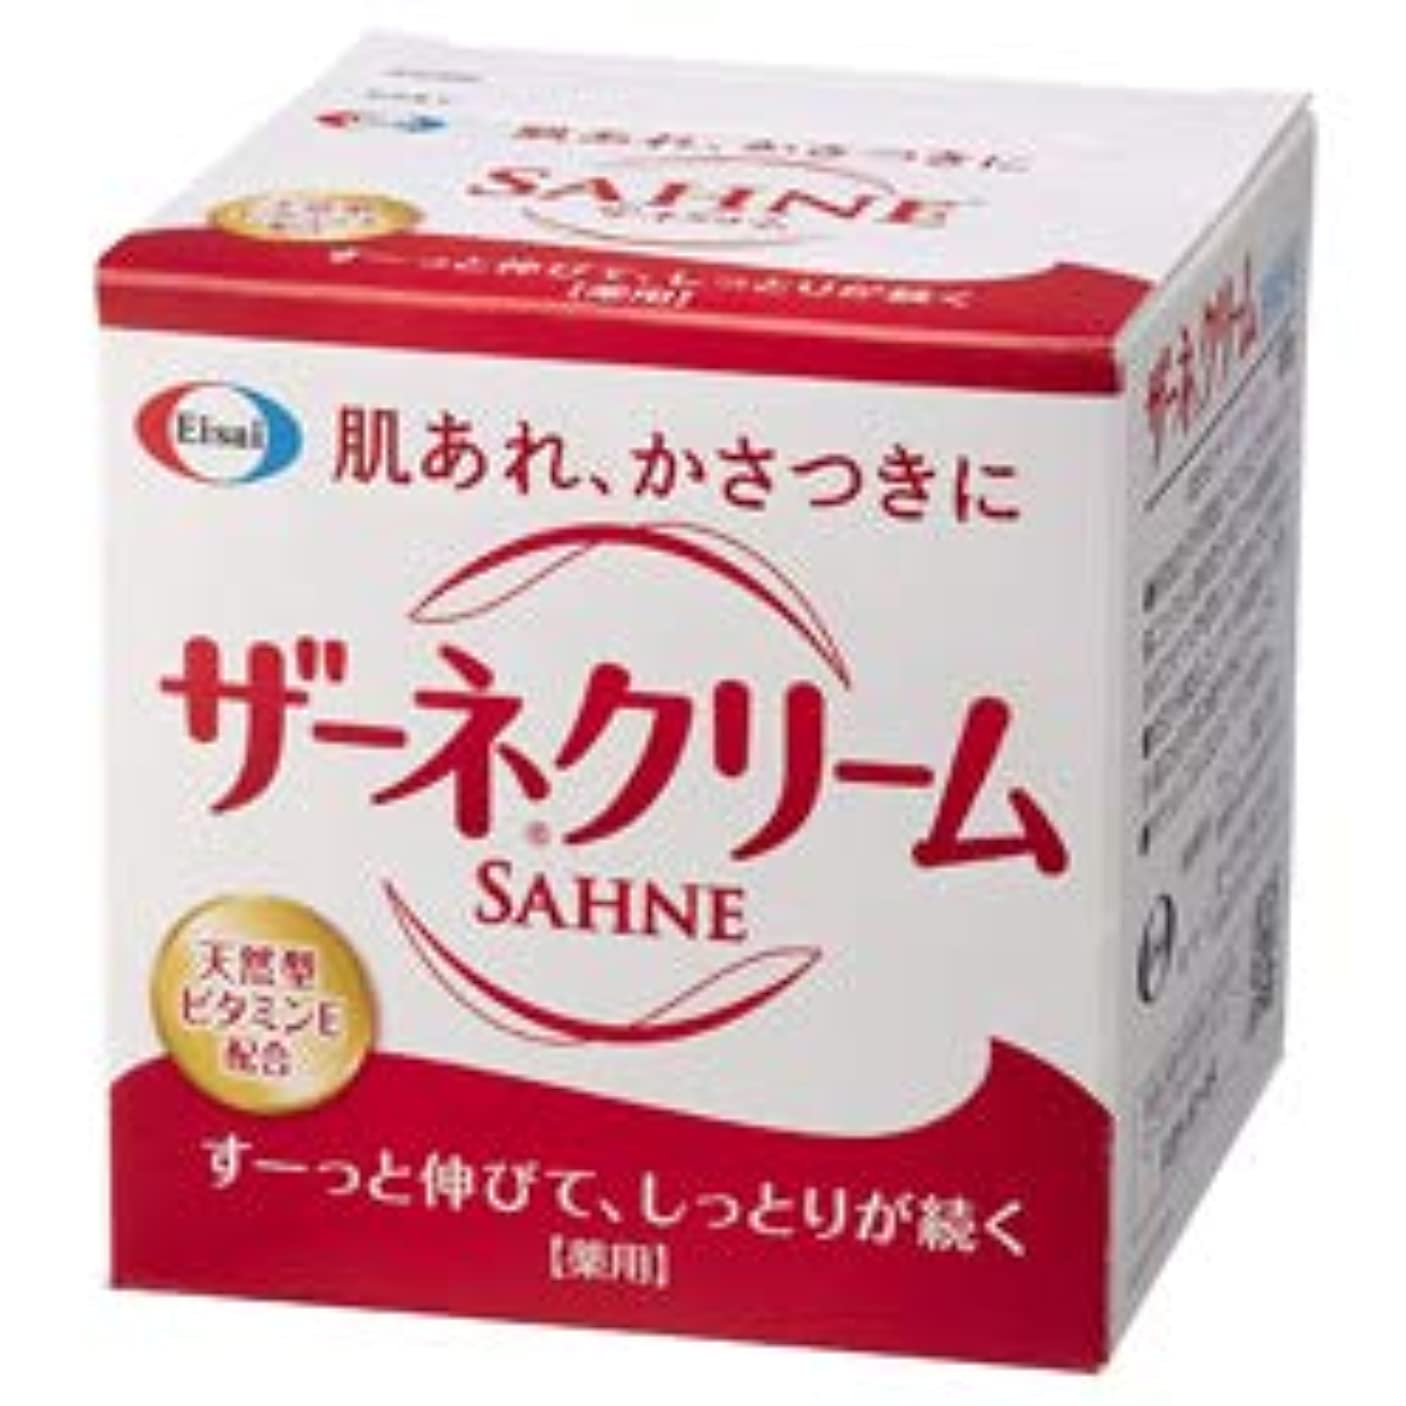 モチーフネットデコレーション【エーザイ】ザーネクリーム 100g(医薬部外品) ×4個セット